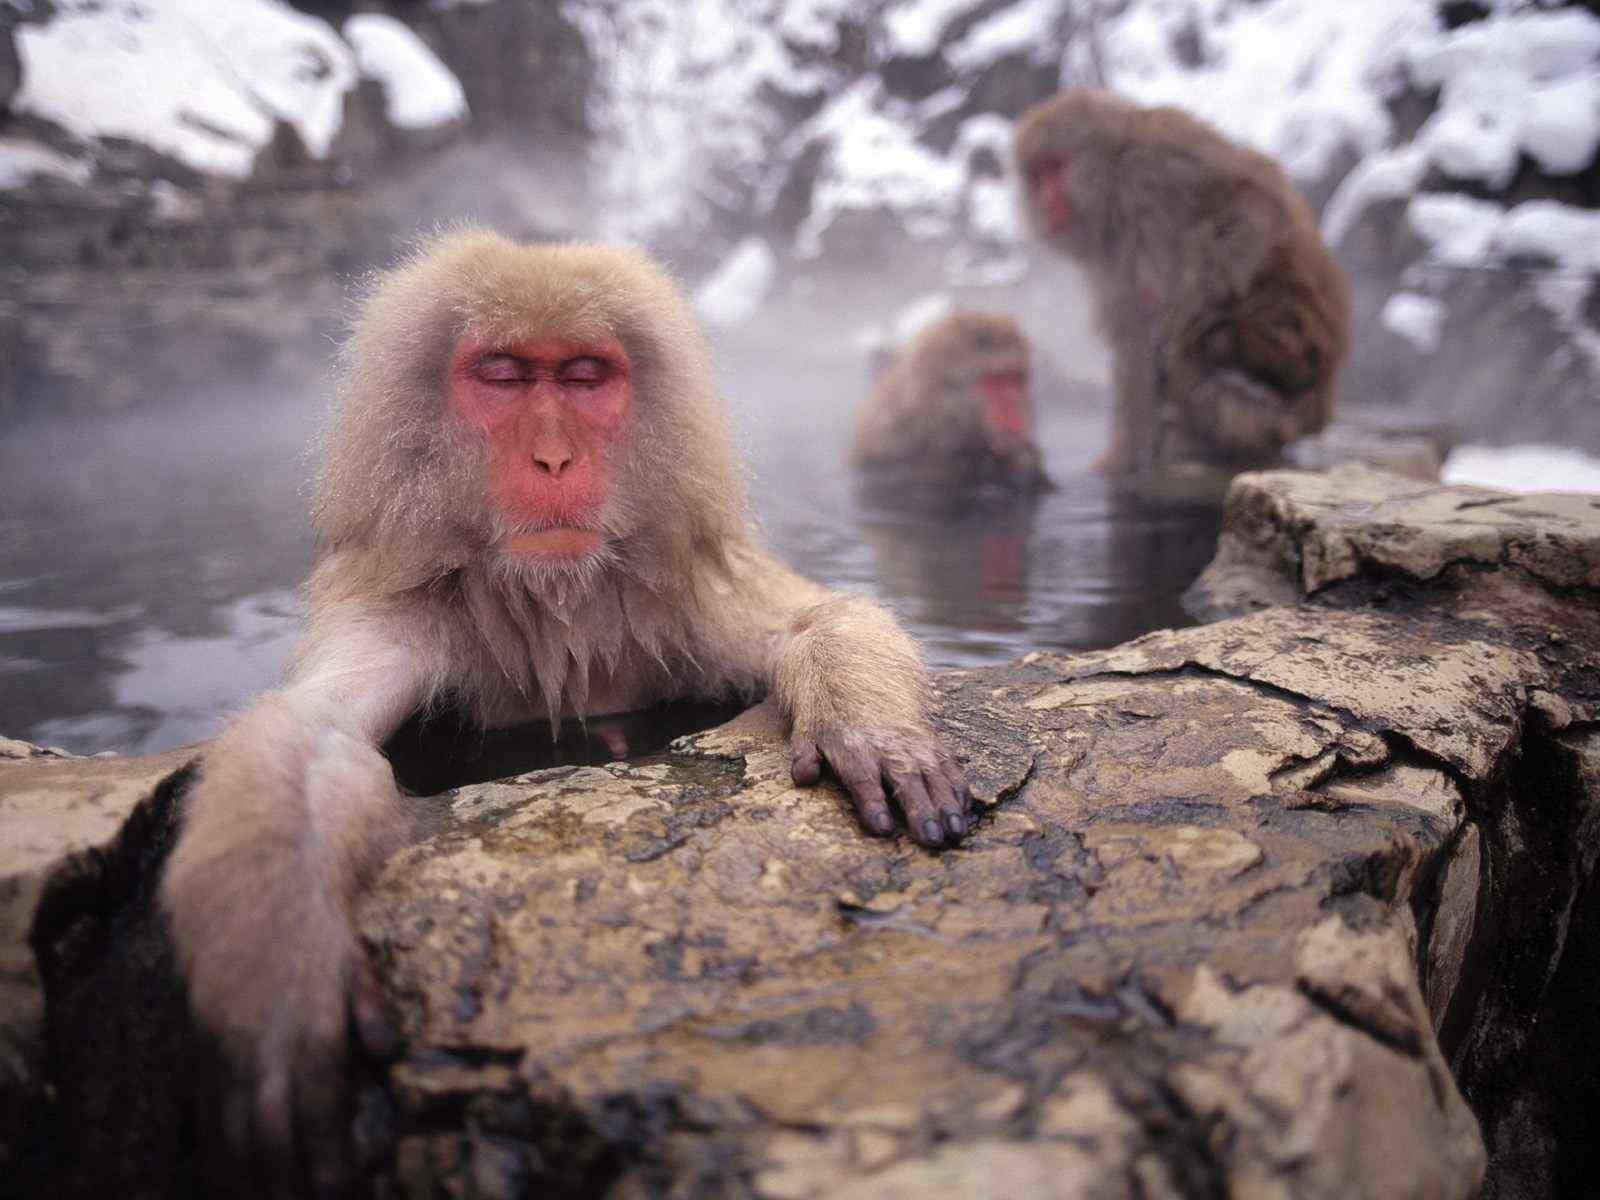 森林里的野生动物猴子高清摄影图片桌面壁纸